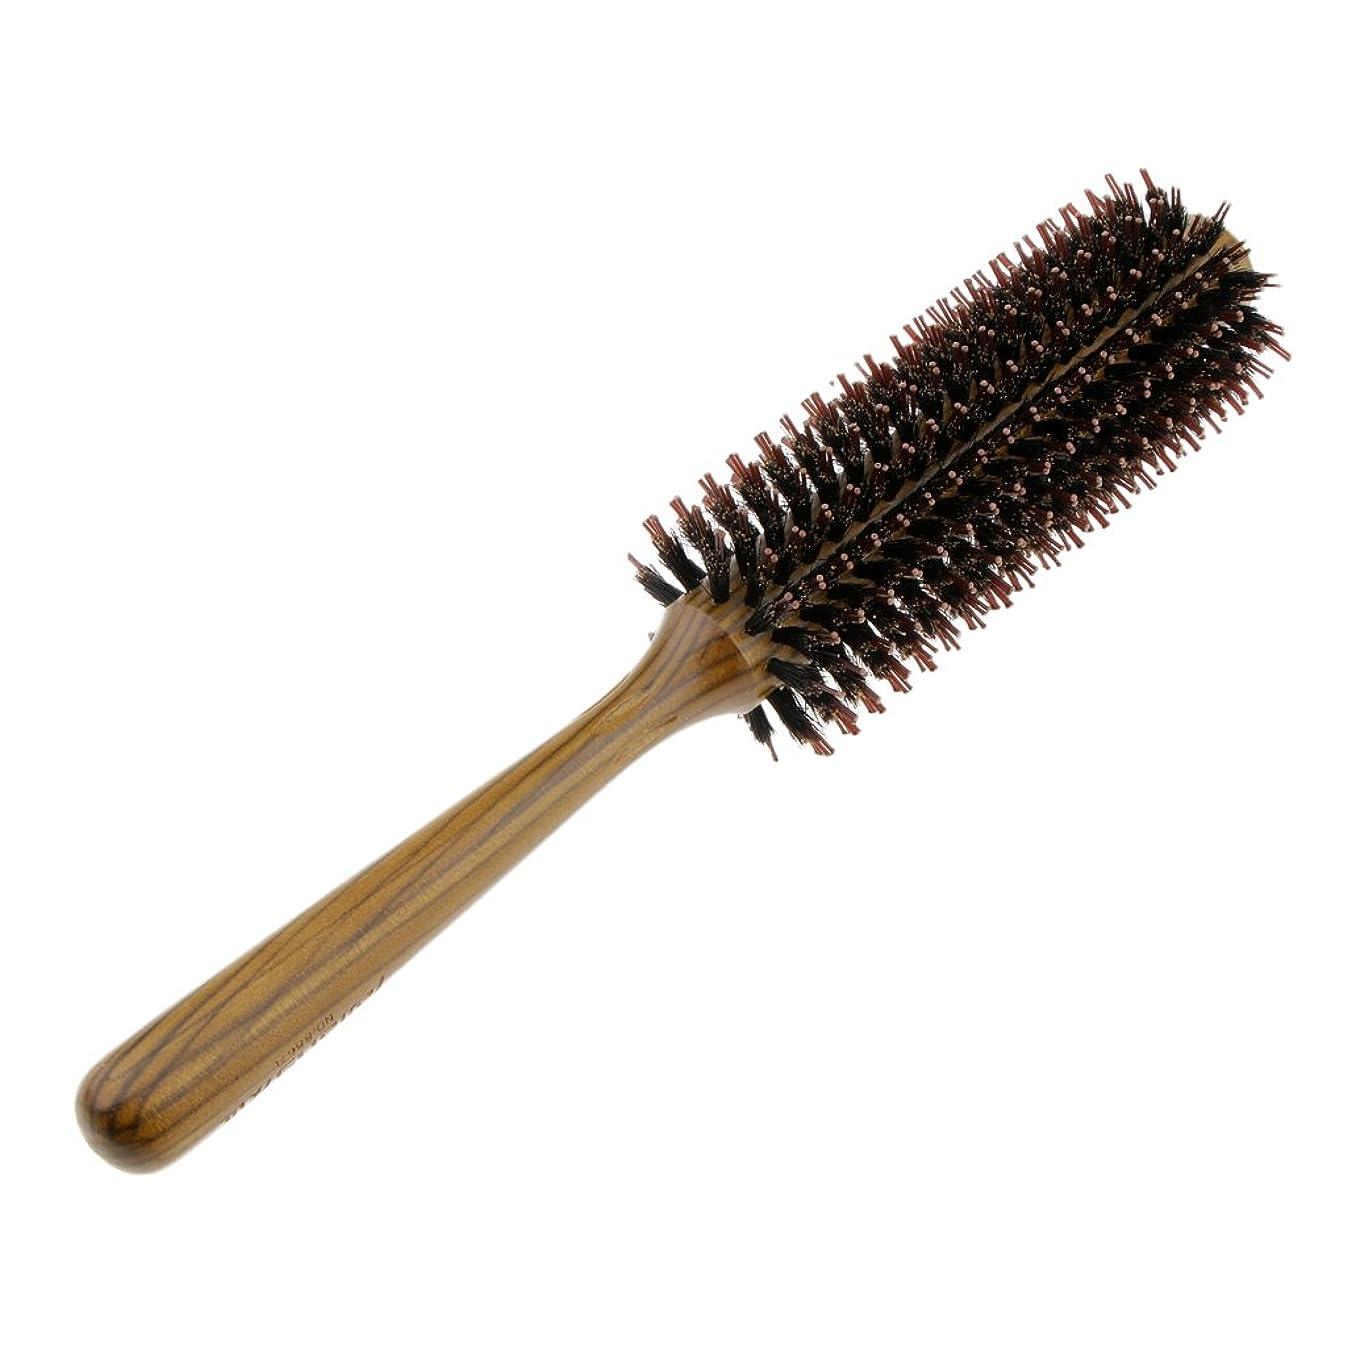 鎖ジョガーノミネートFenteer ロールブラシ ヘアブラシ コーム ヘアスタイリング 櫛 くし カール 巻き髪 3サイズ選べる - L